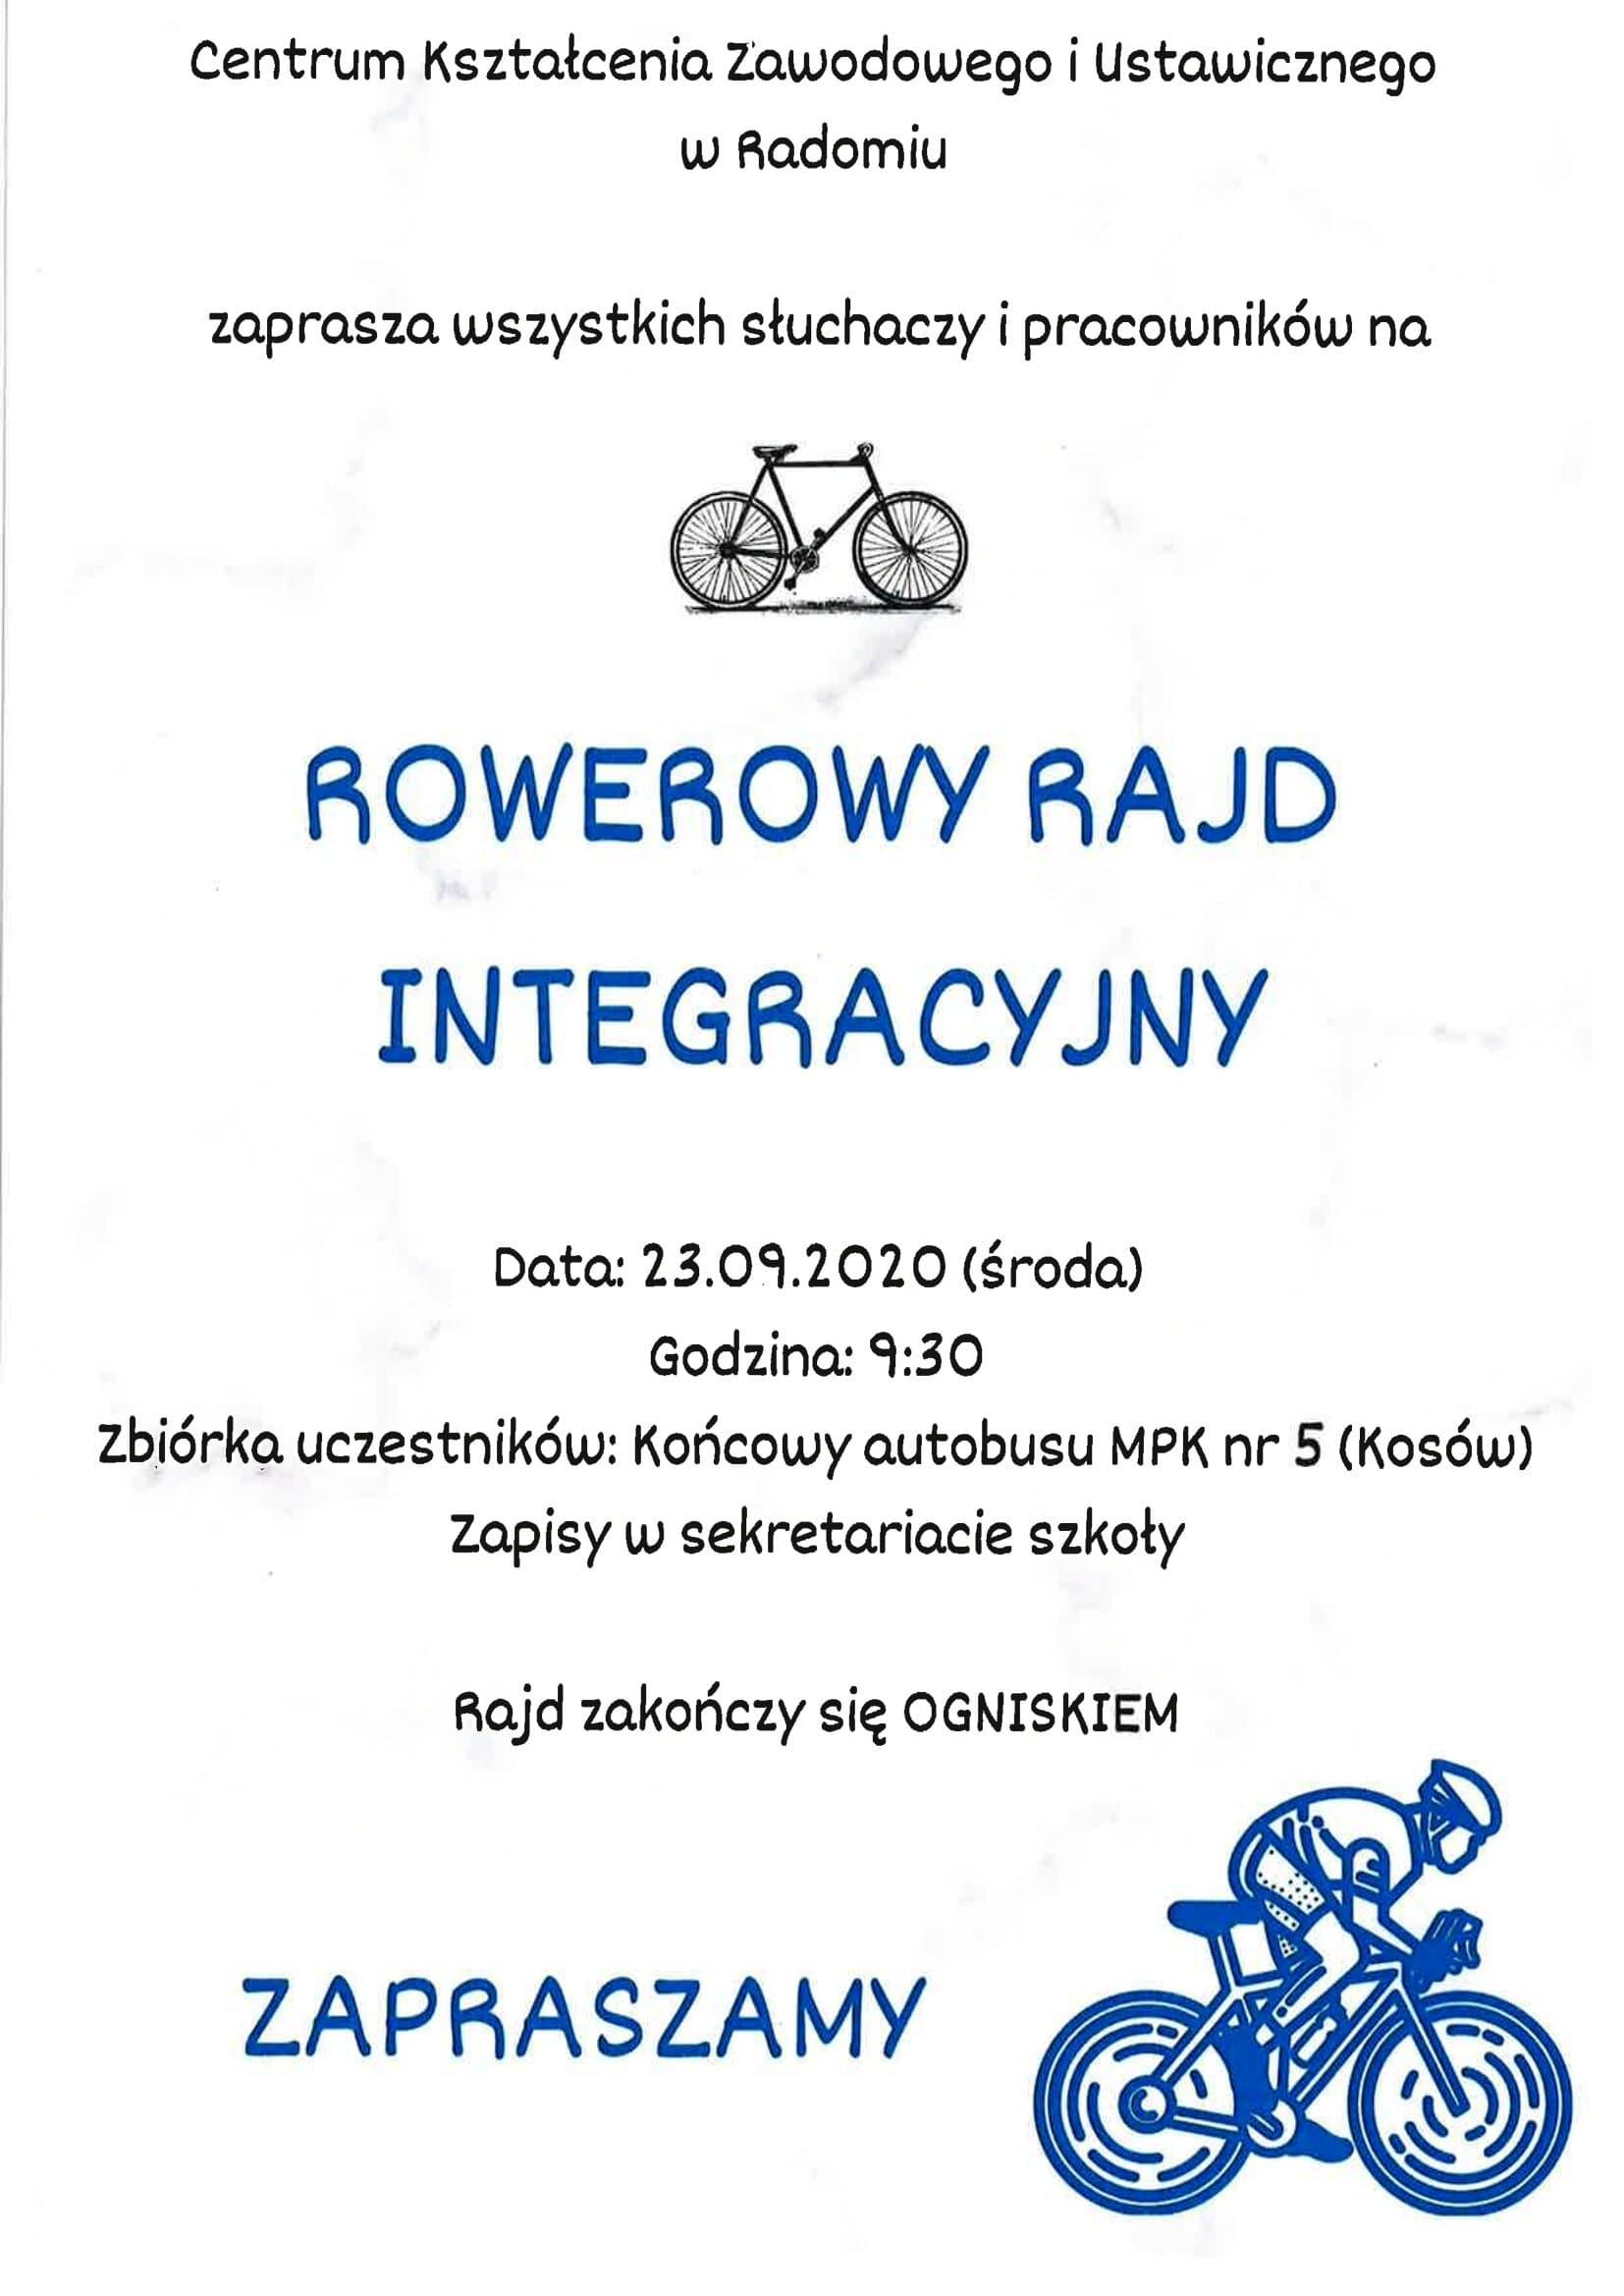 Rowerowy Rajd Integracyjny 2020